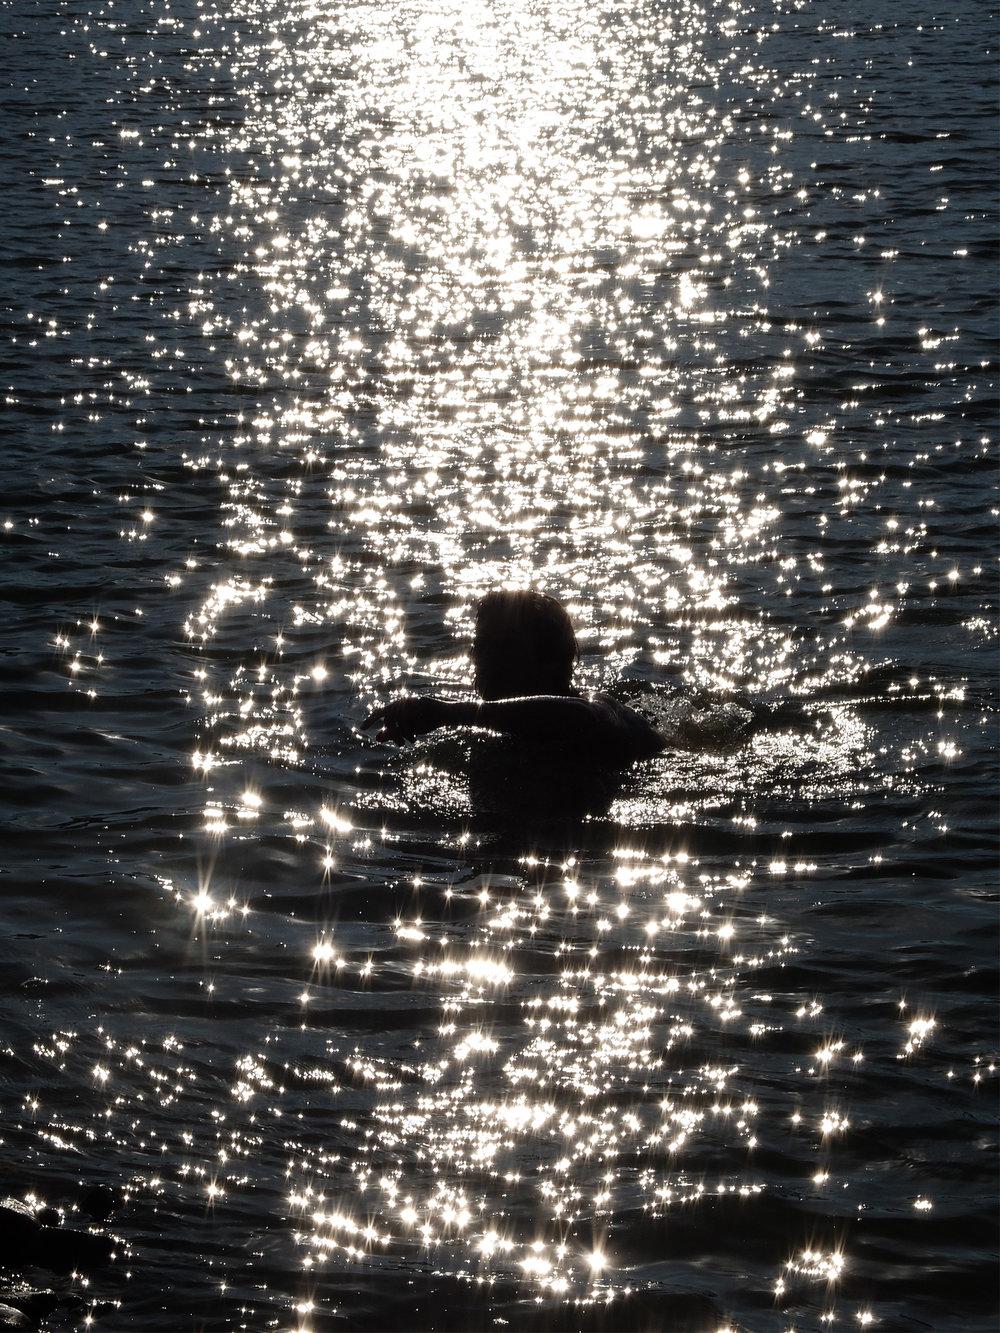 02 - swimmer4.jpg